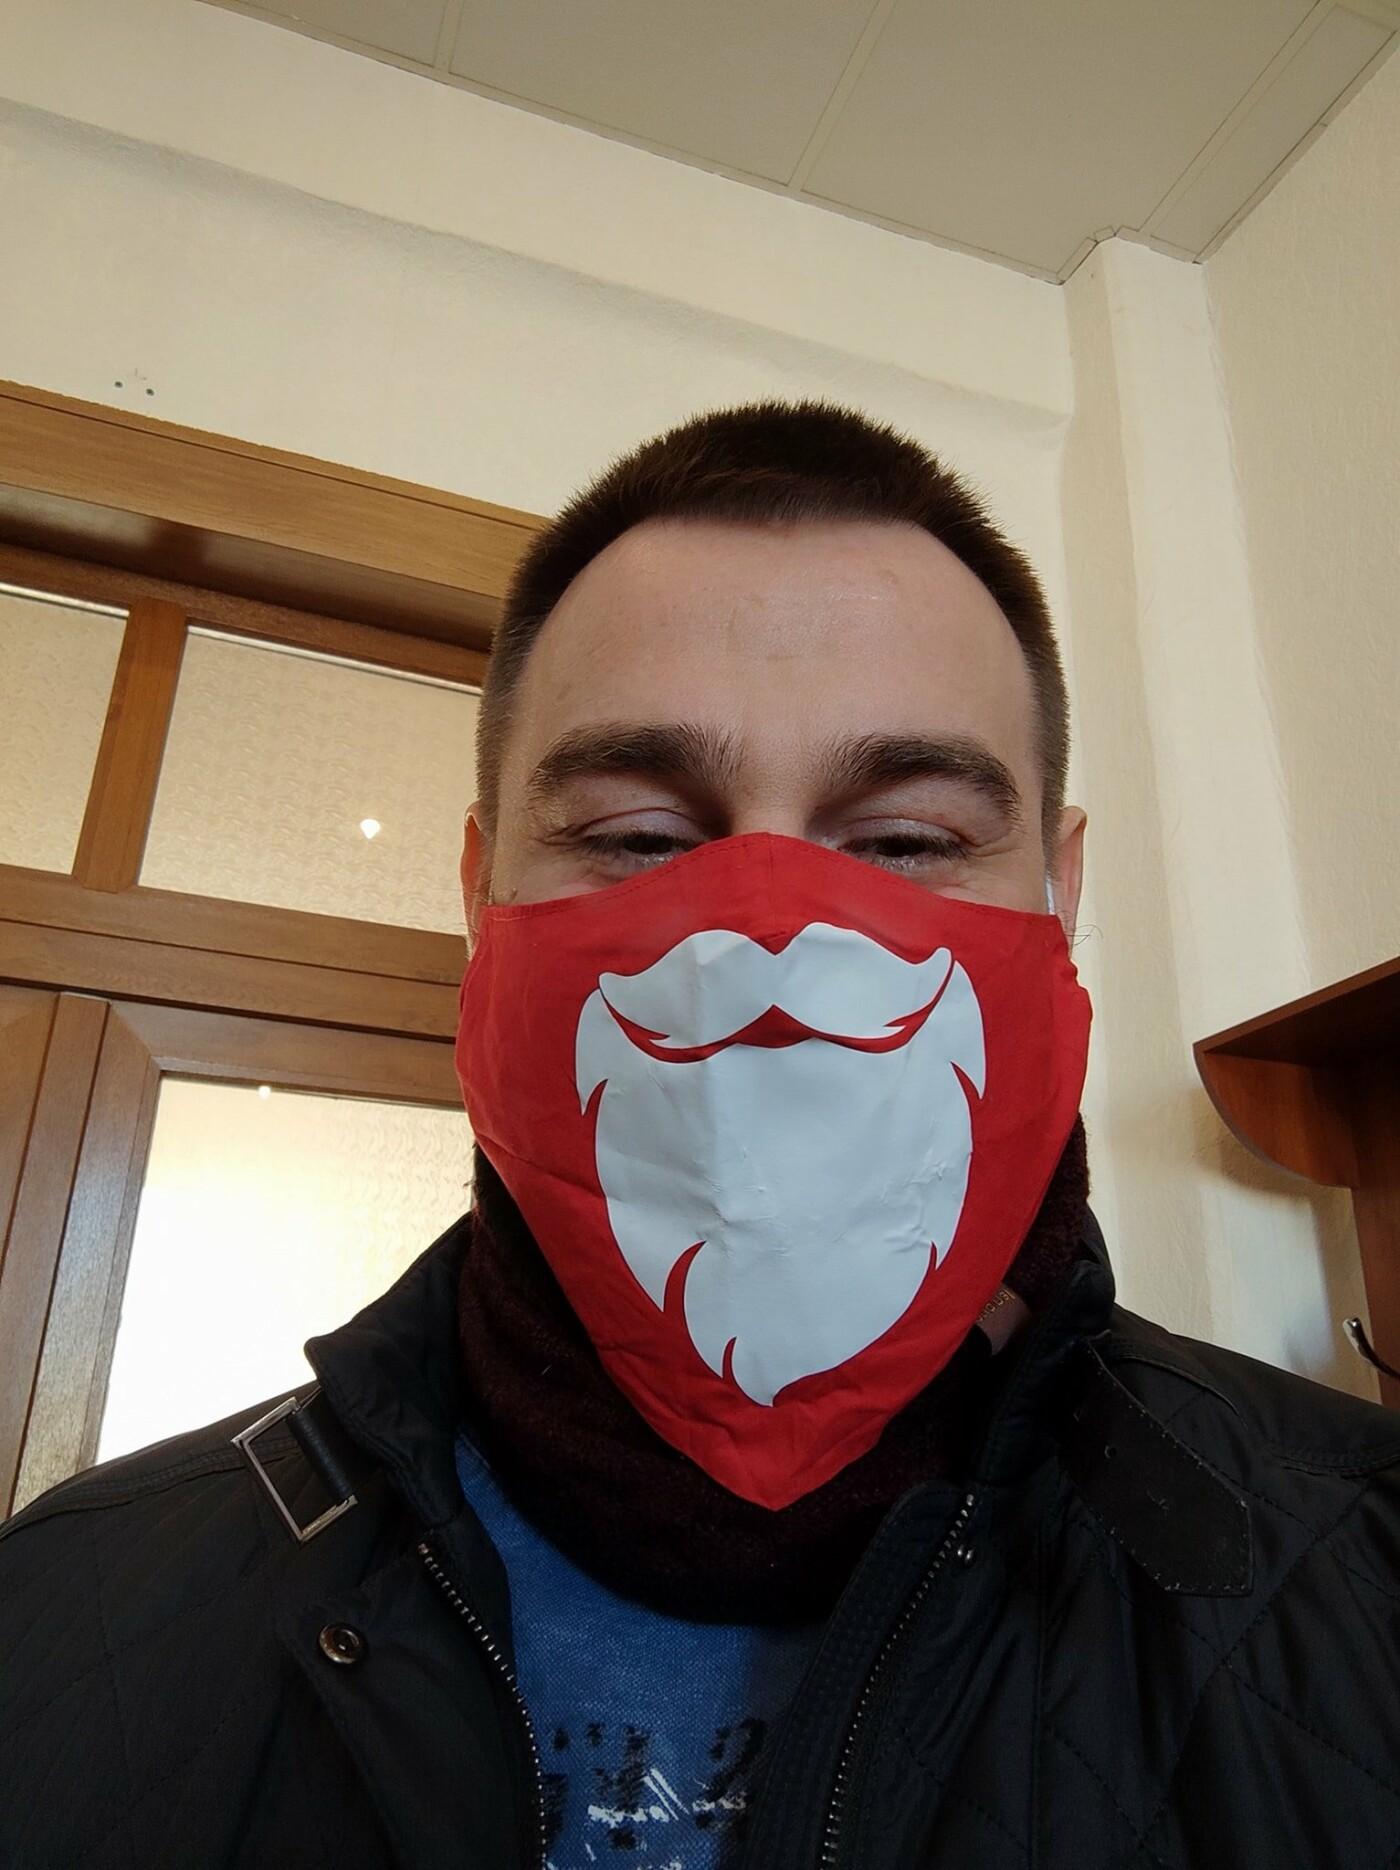 Как жители Луганщины отметили Новый год: ТОП фото из соцсетей, фото-4